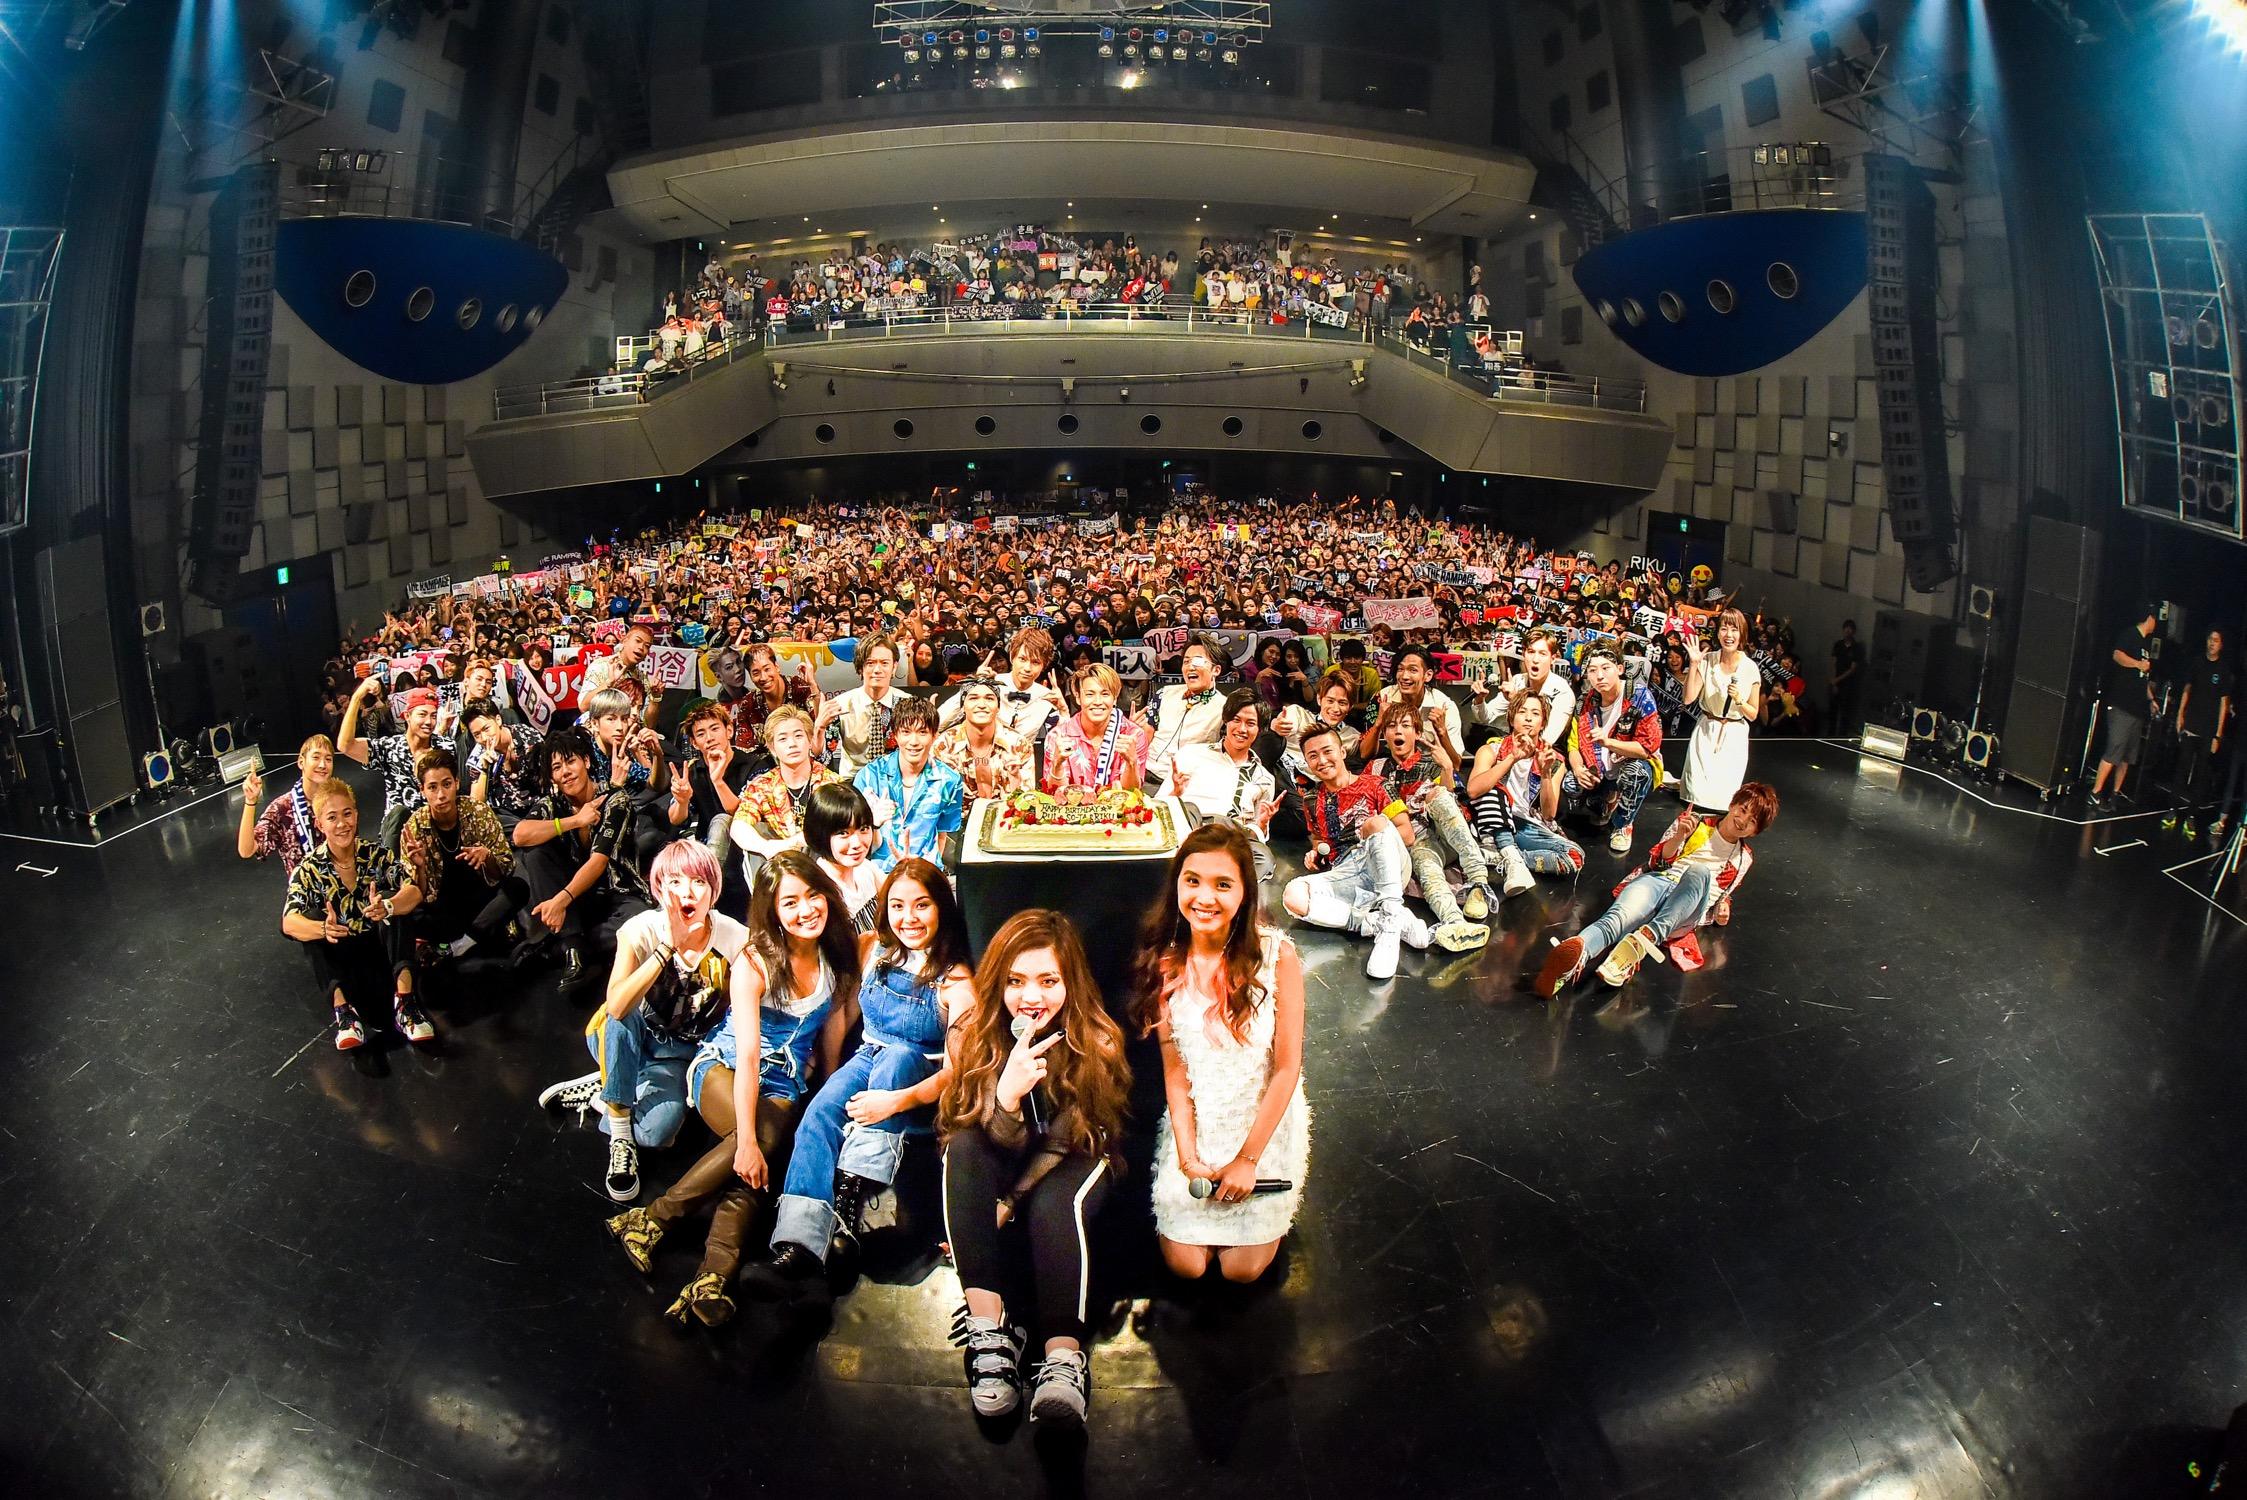 関西から発信する新世代イベント「関西テレビPresents.110%」が大盛況で閉幕!!